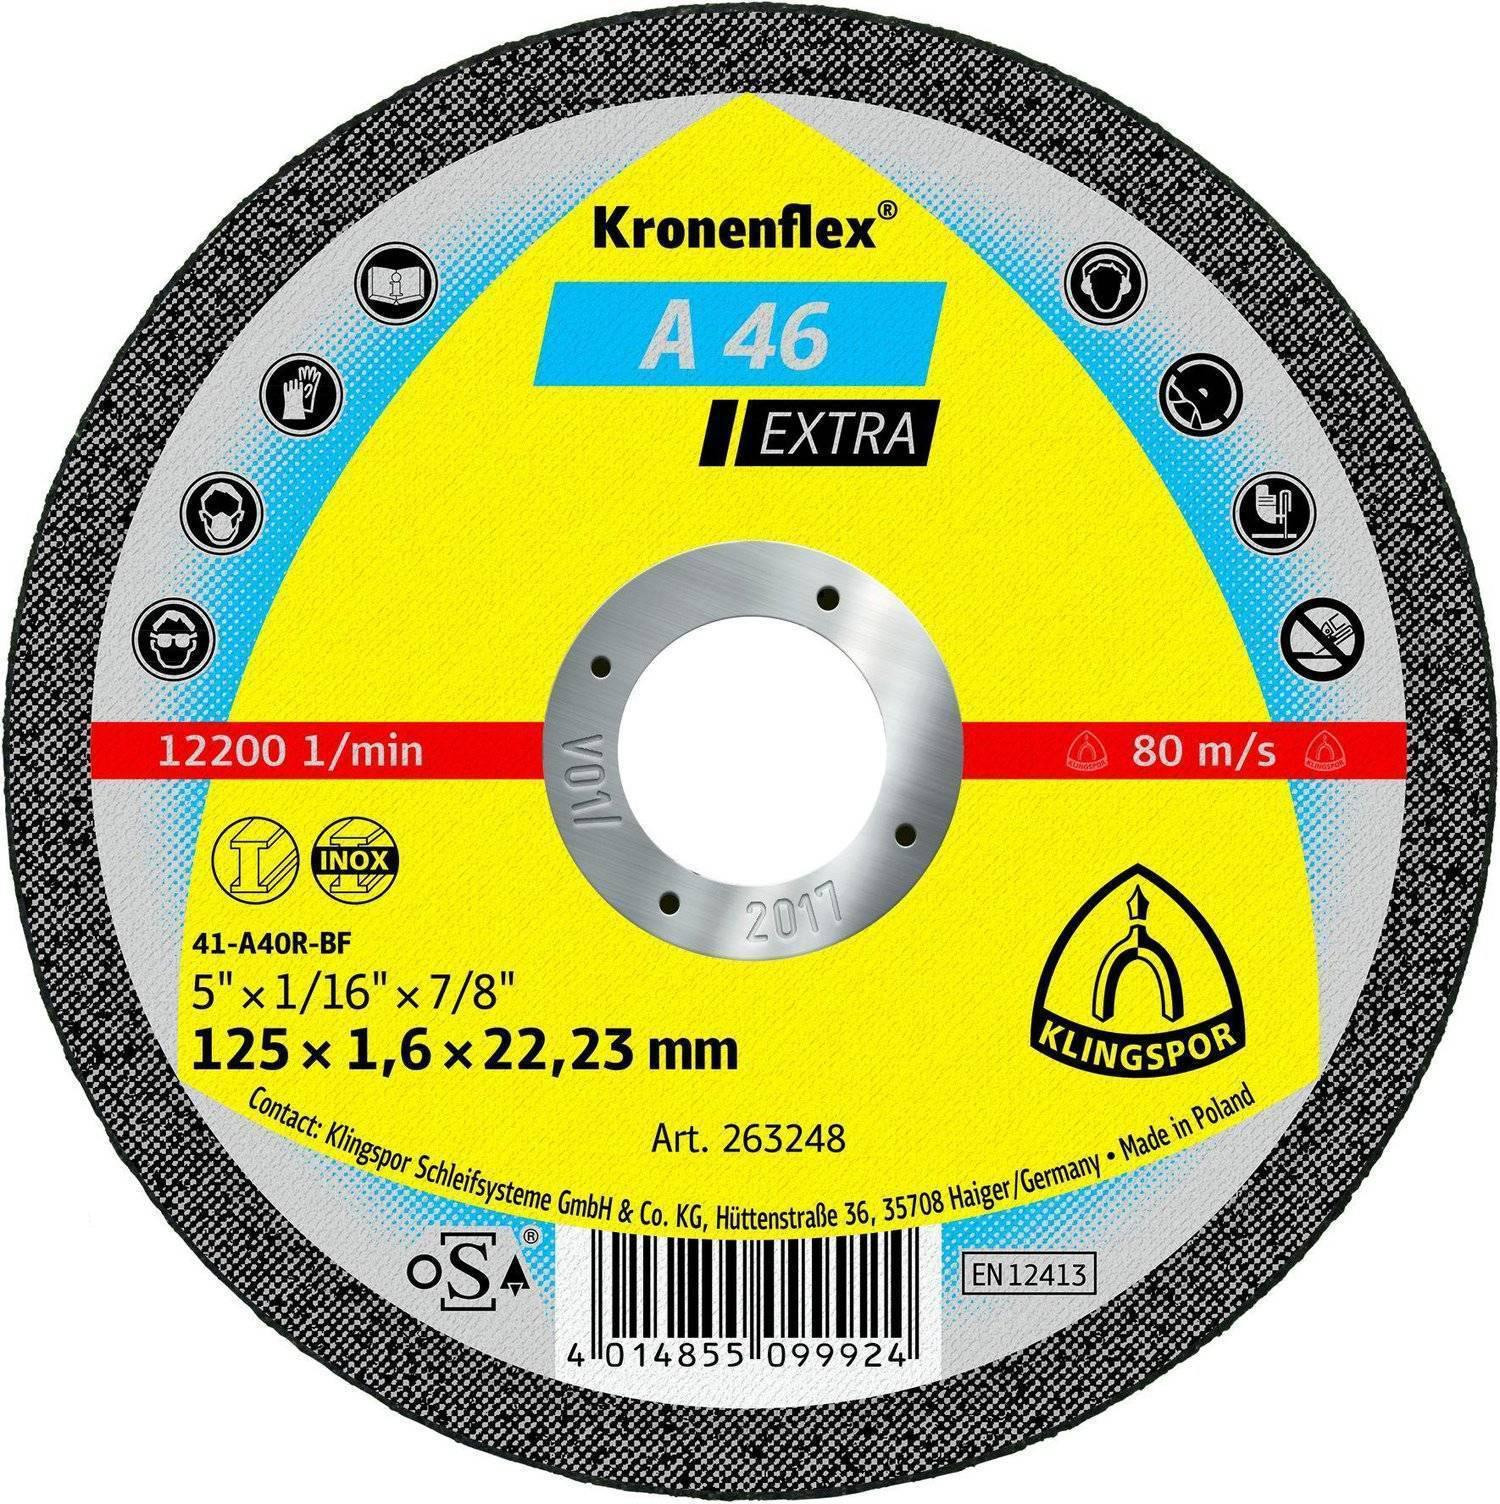 Круг отрезной Klingspor Kronenflex a 46 extra 125 x 1.6 x 22 круг отрезной hammer flex 115 x 1 0 x 22 по металлу и нержавеющей стали 25шт